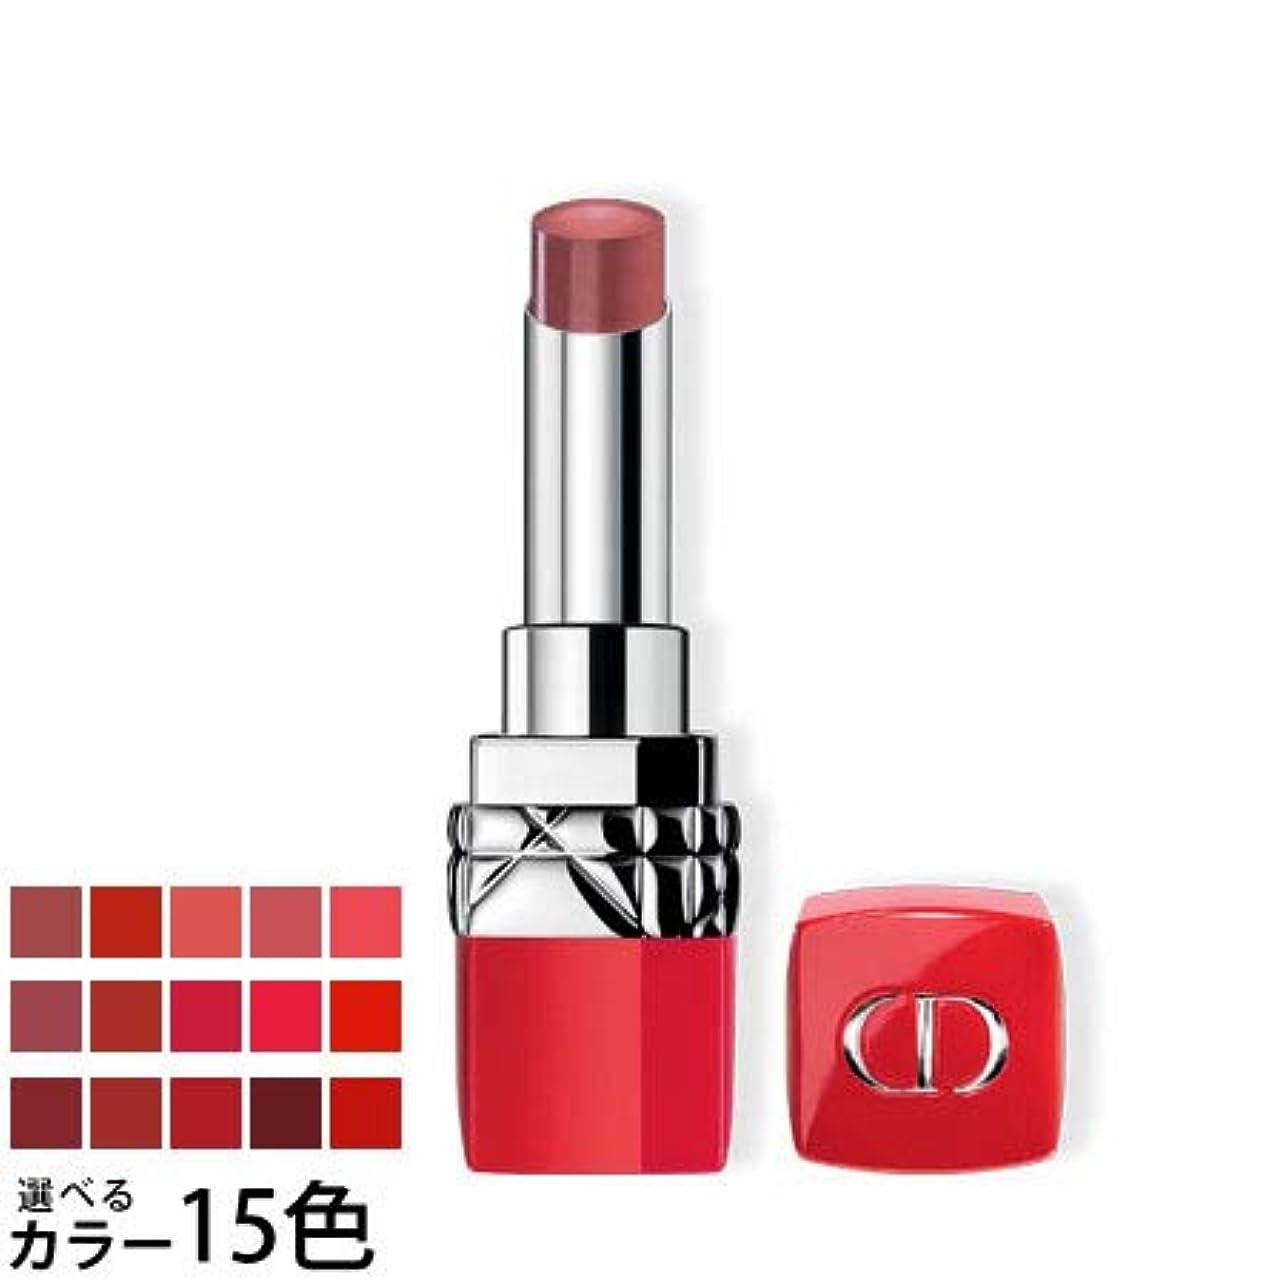 中マネージャーおかしいディオール ルージュ ディオール ウルトラ ルージュ 選べる15色 -Dior- 555